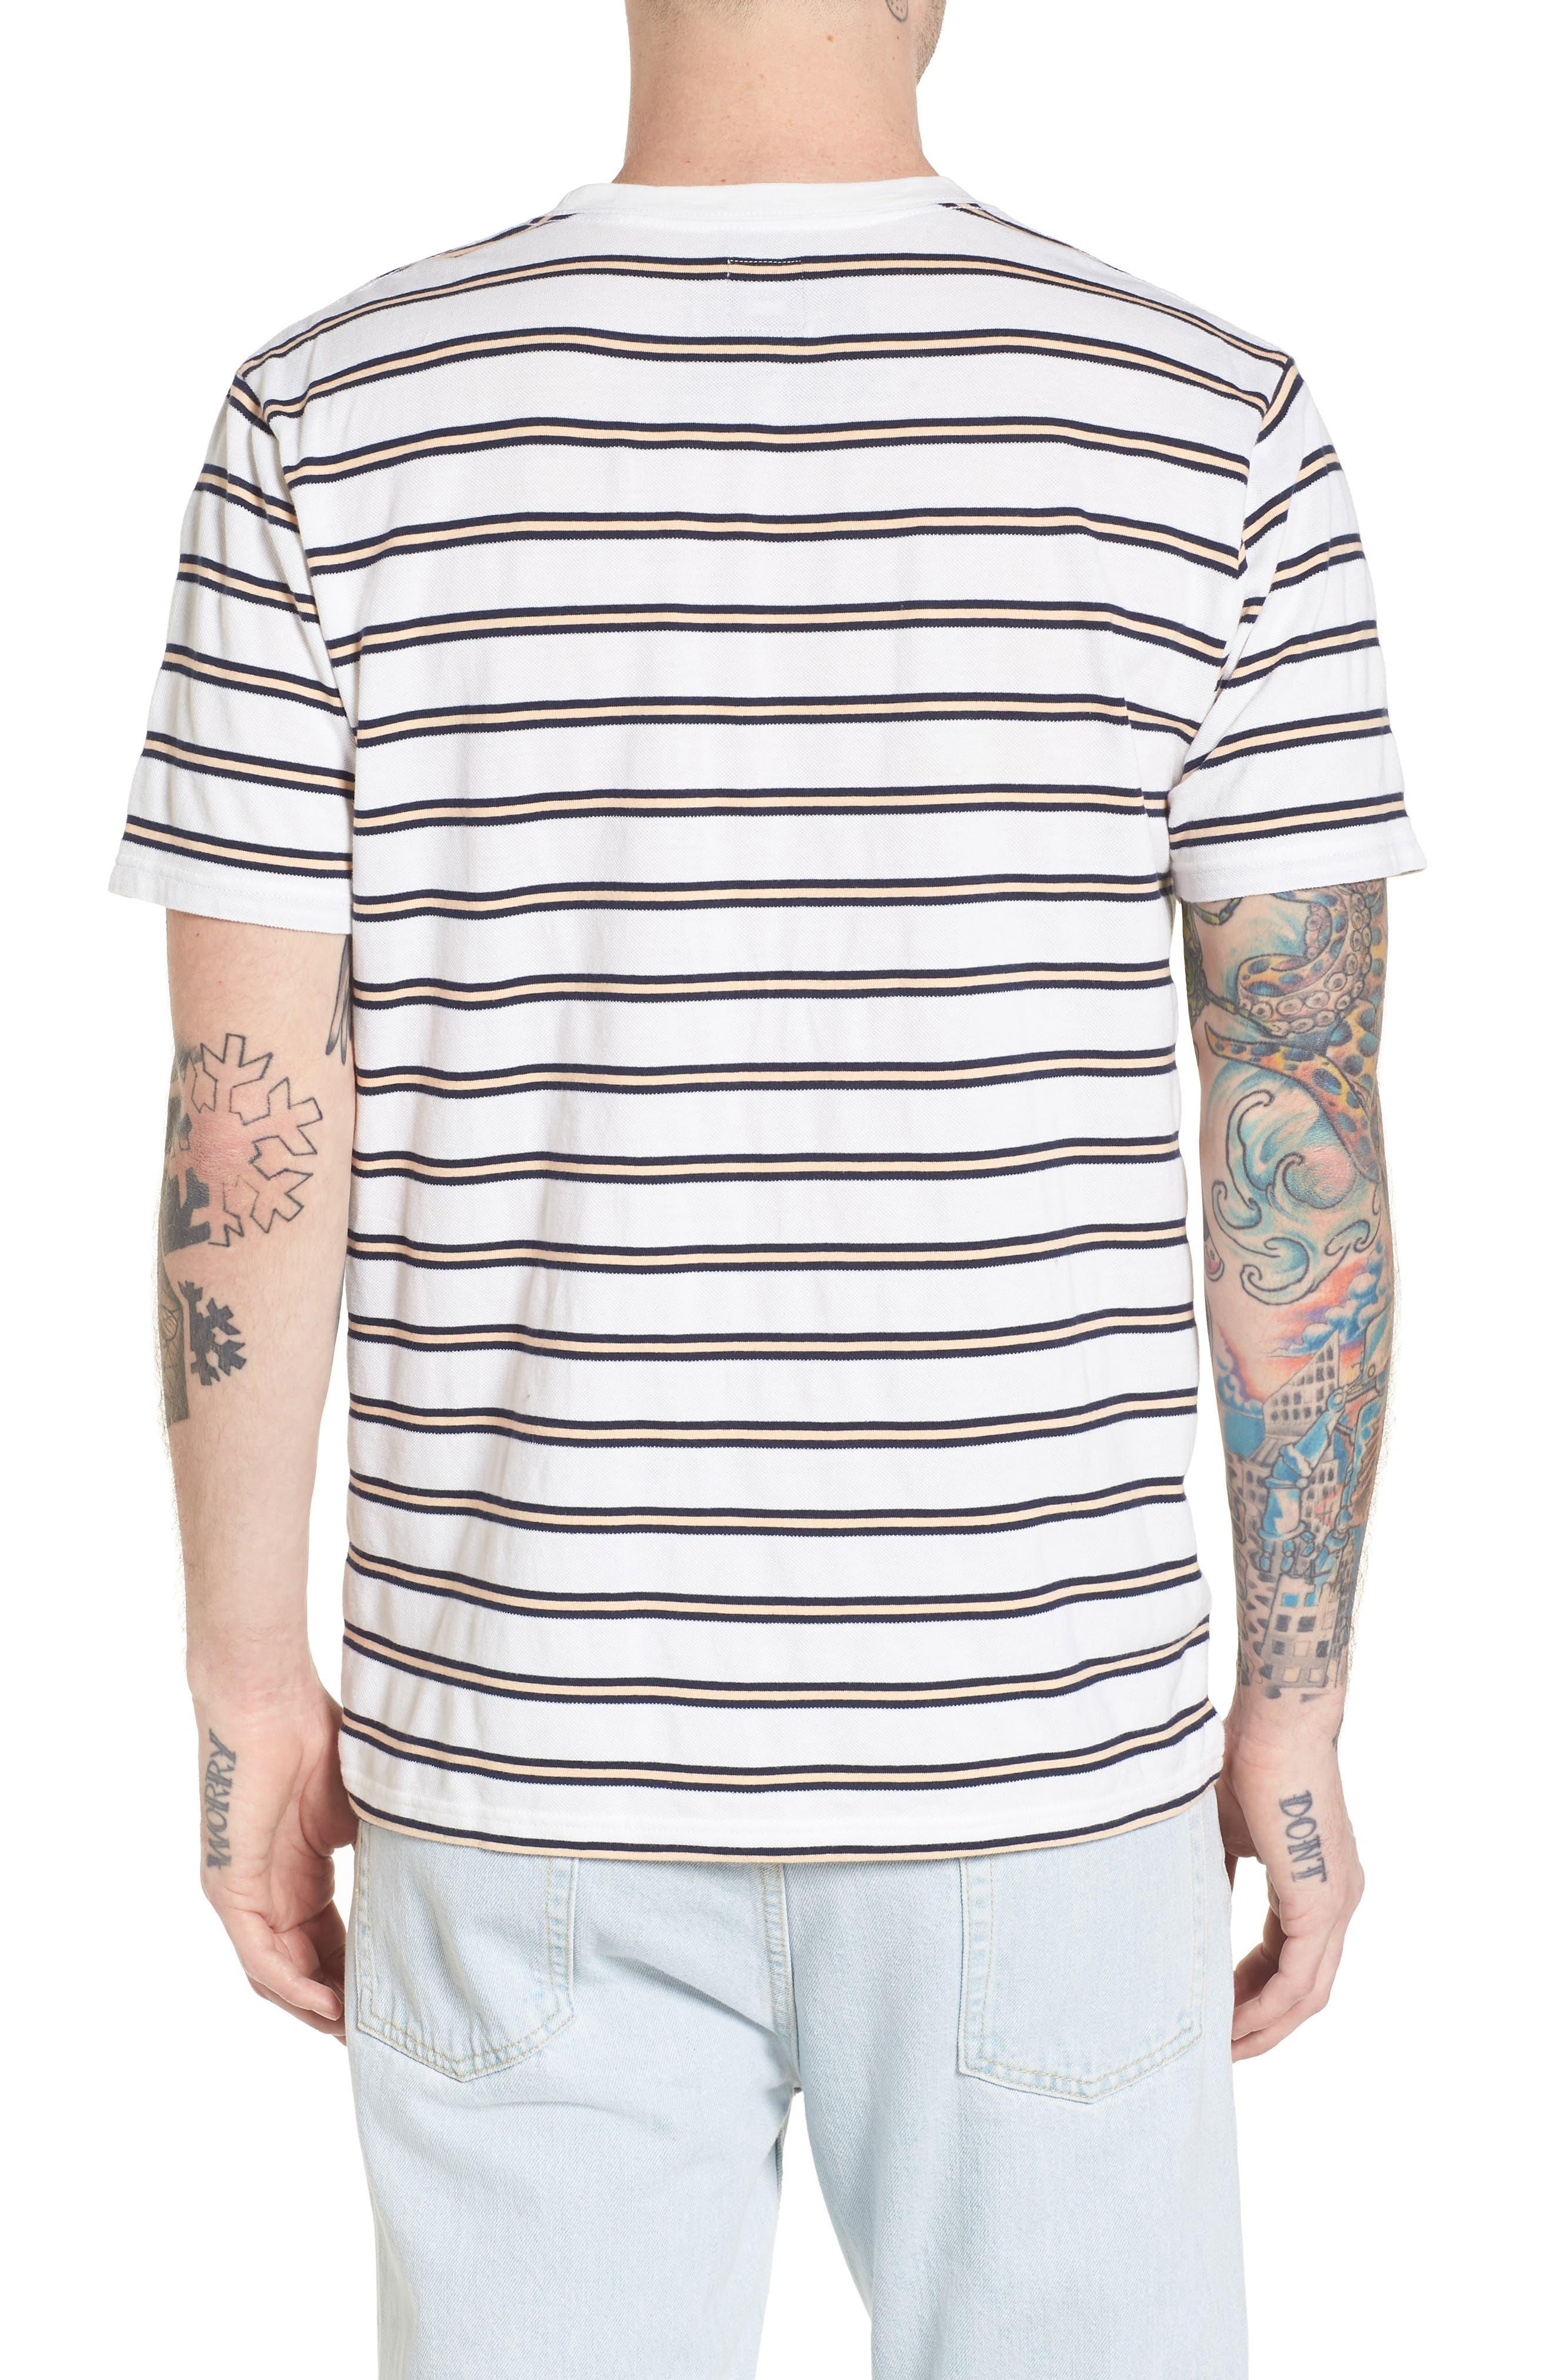 Whittier Pocket T-Shirt,                             Alternate thumbnail 2, color,                             900